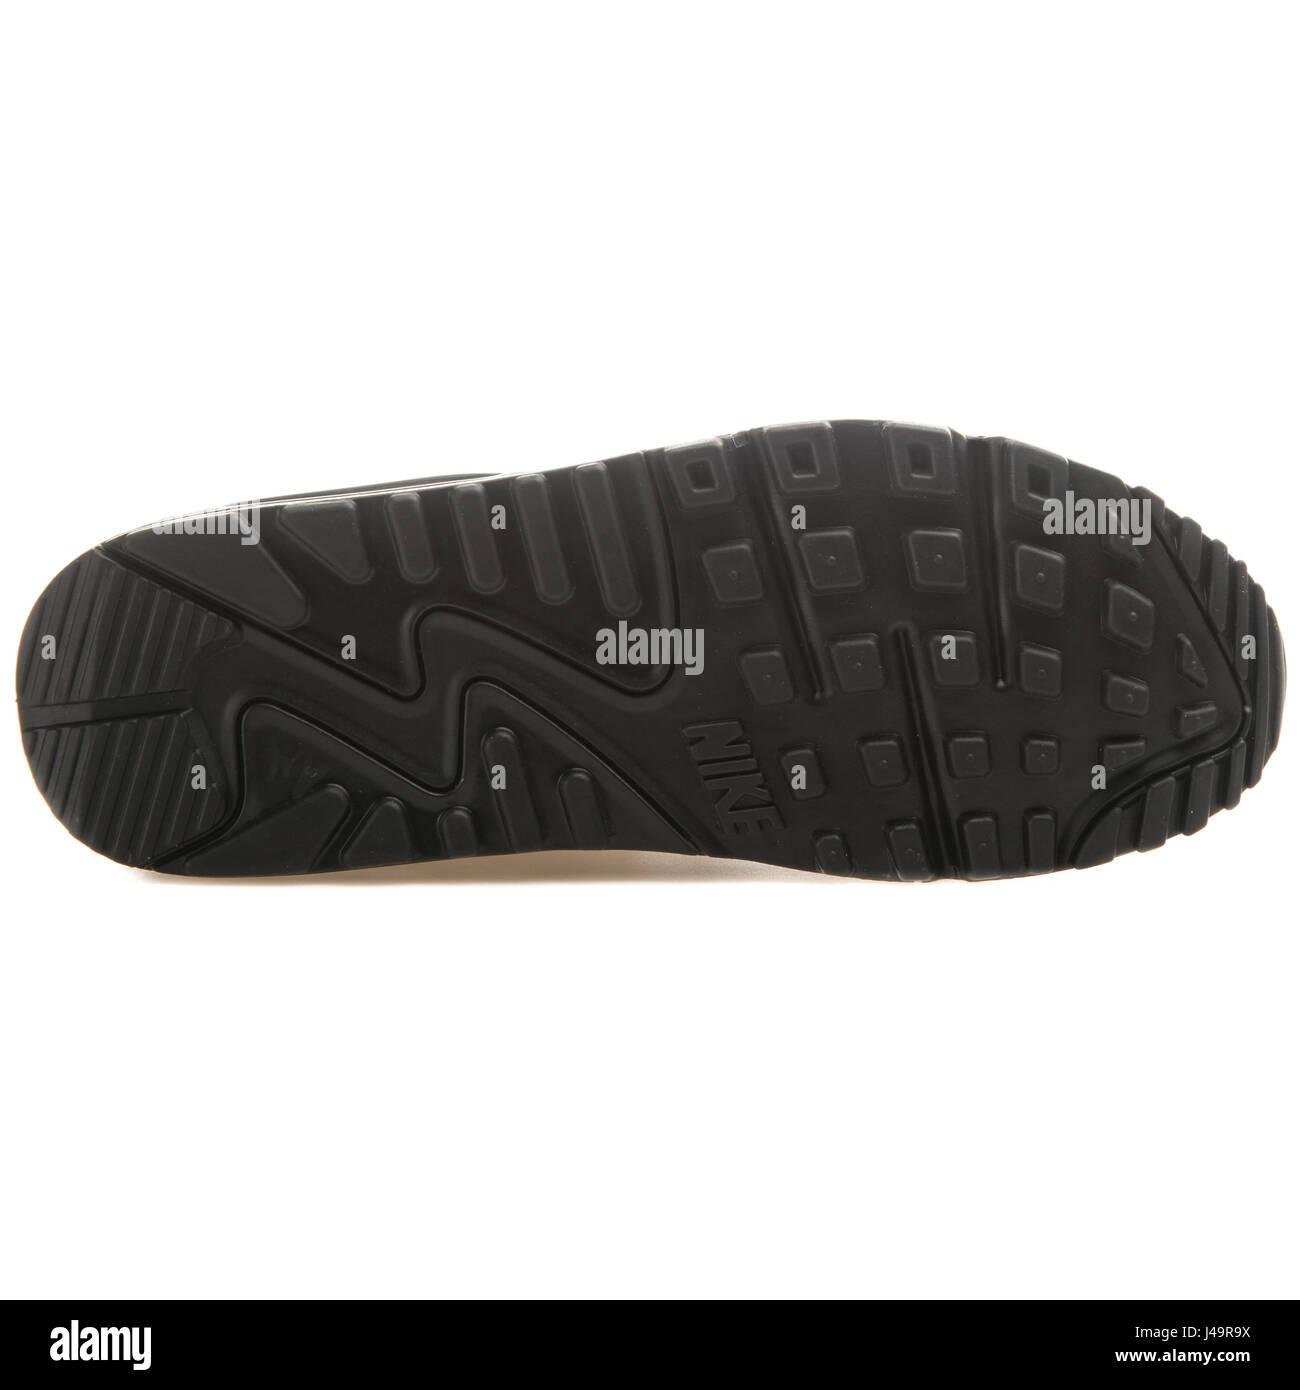 wholesale dealer 91e75 fd06c Nike Air Max 90 GS (LTR) noir - 724821-001 Photo Stock